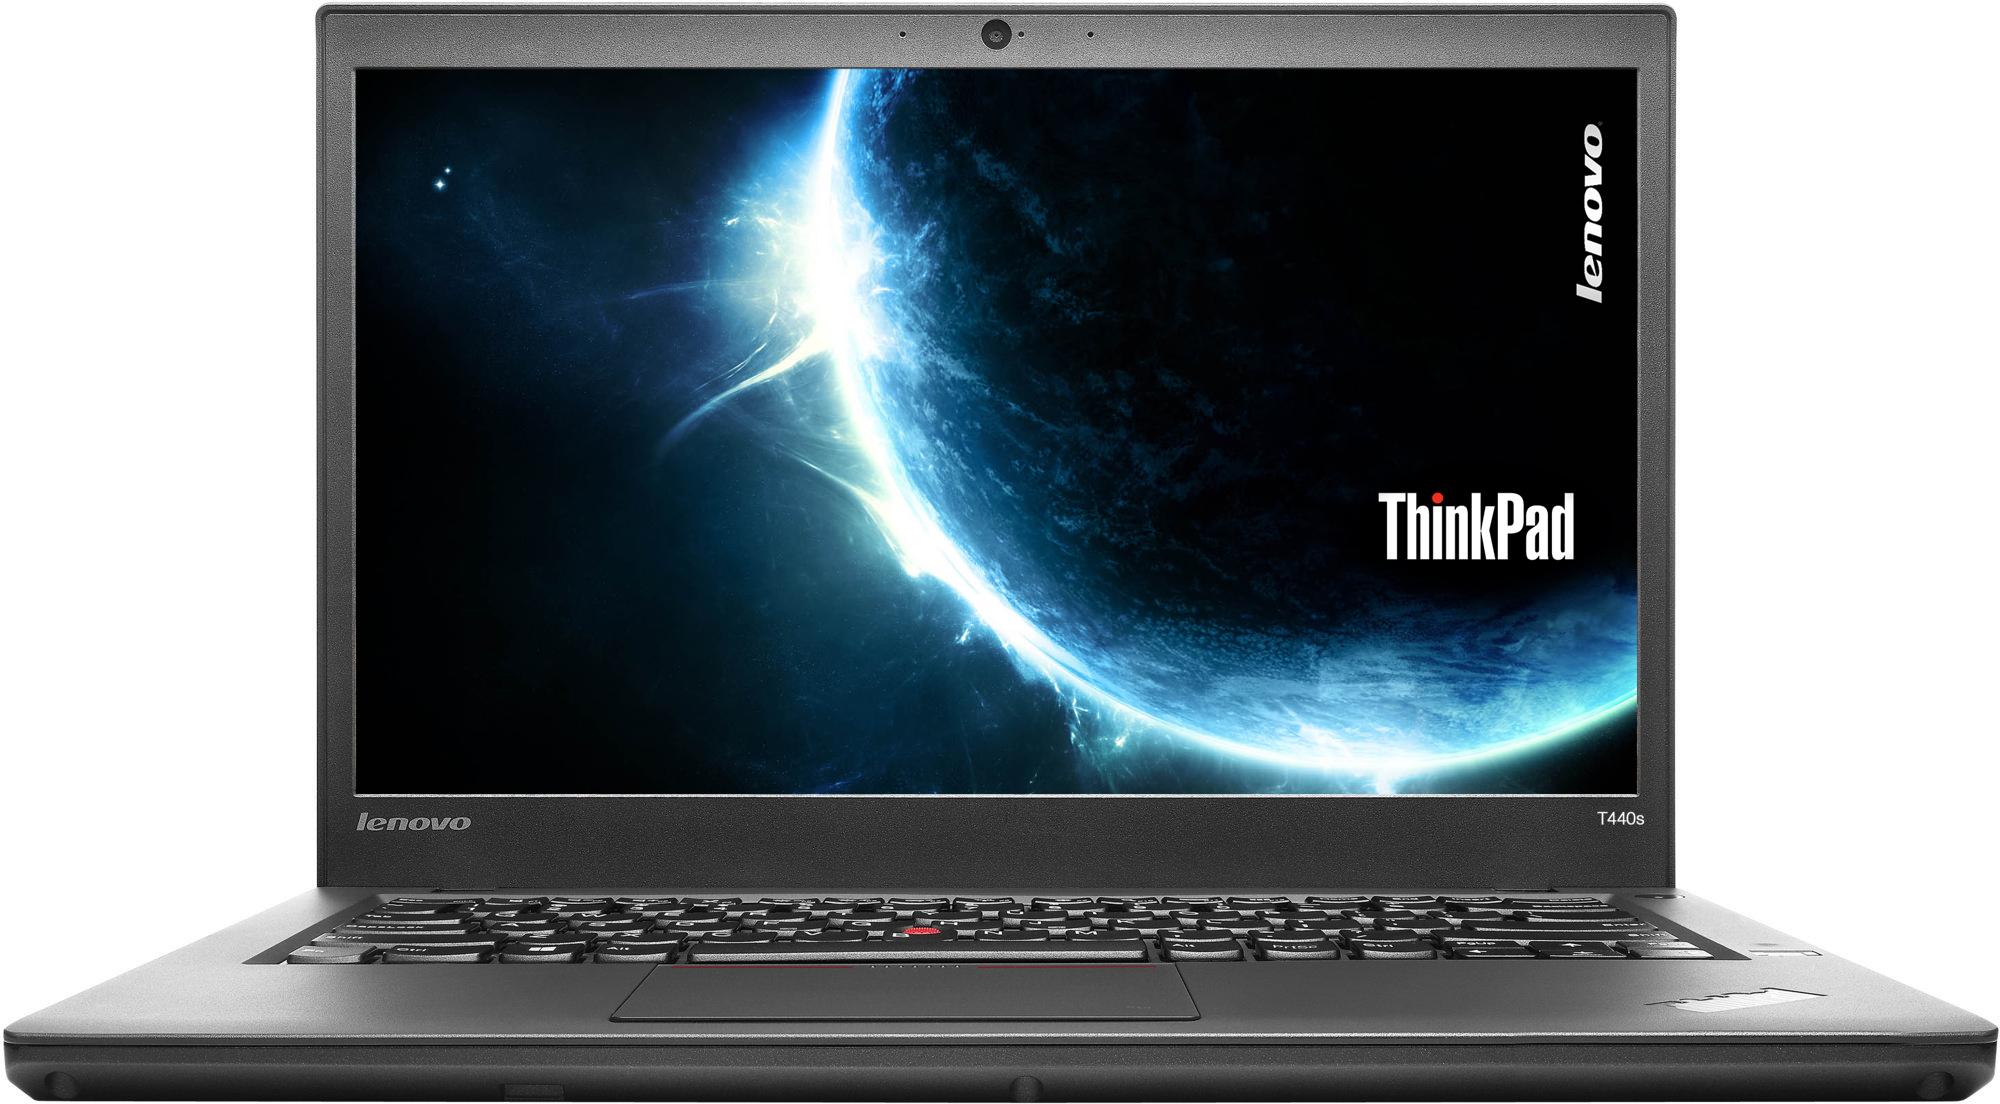 Lenovo ThinkPad T440s